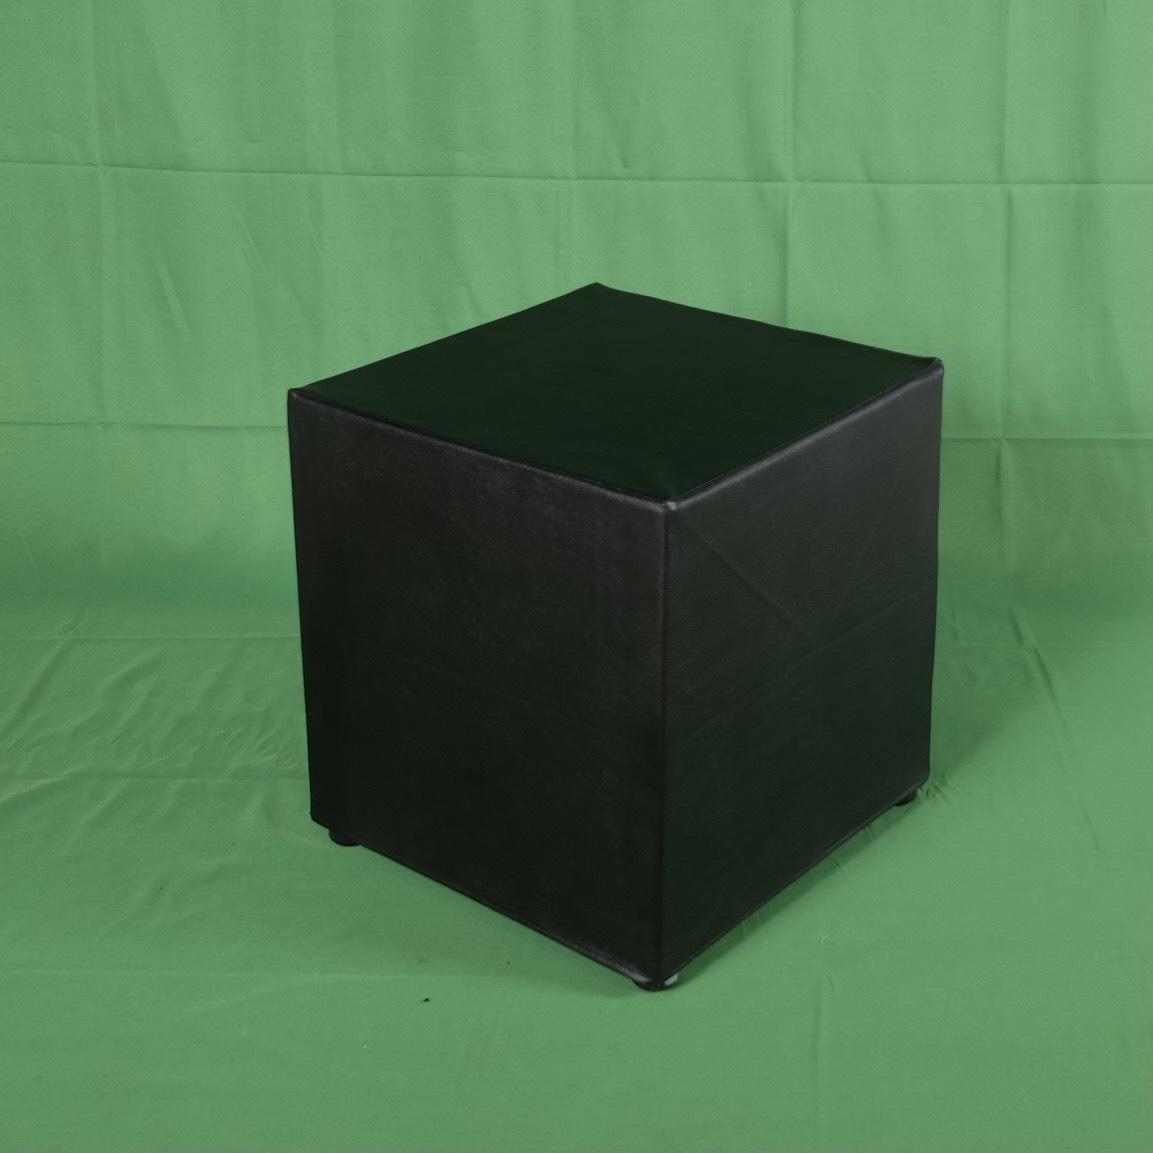 โต๊ะสตูลลูกเต๋าดำ